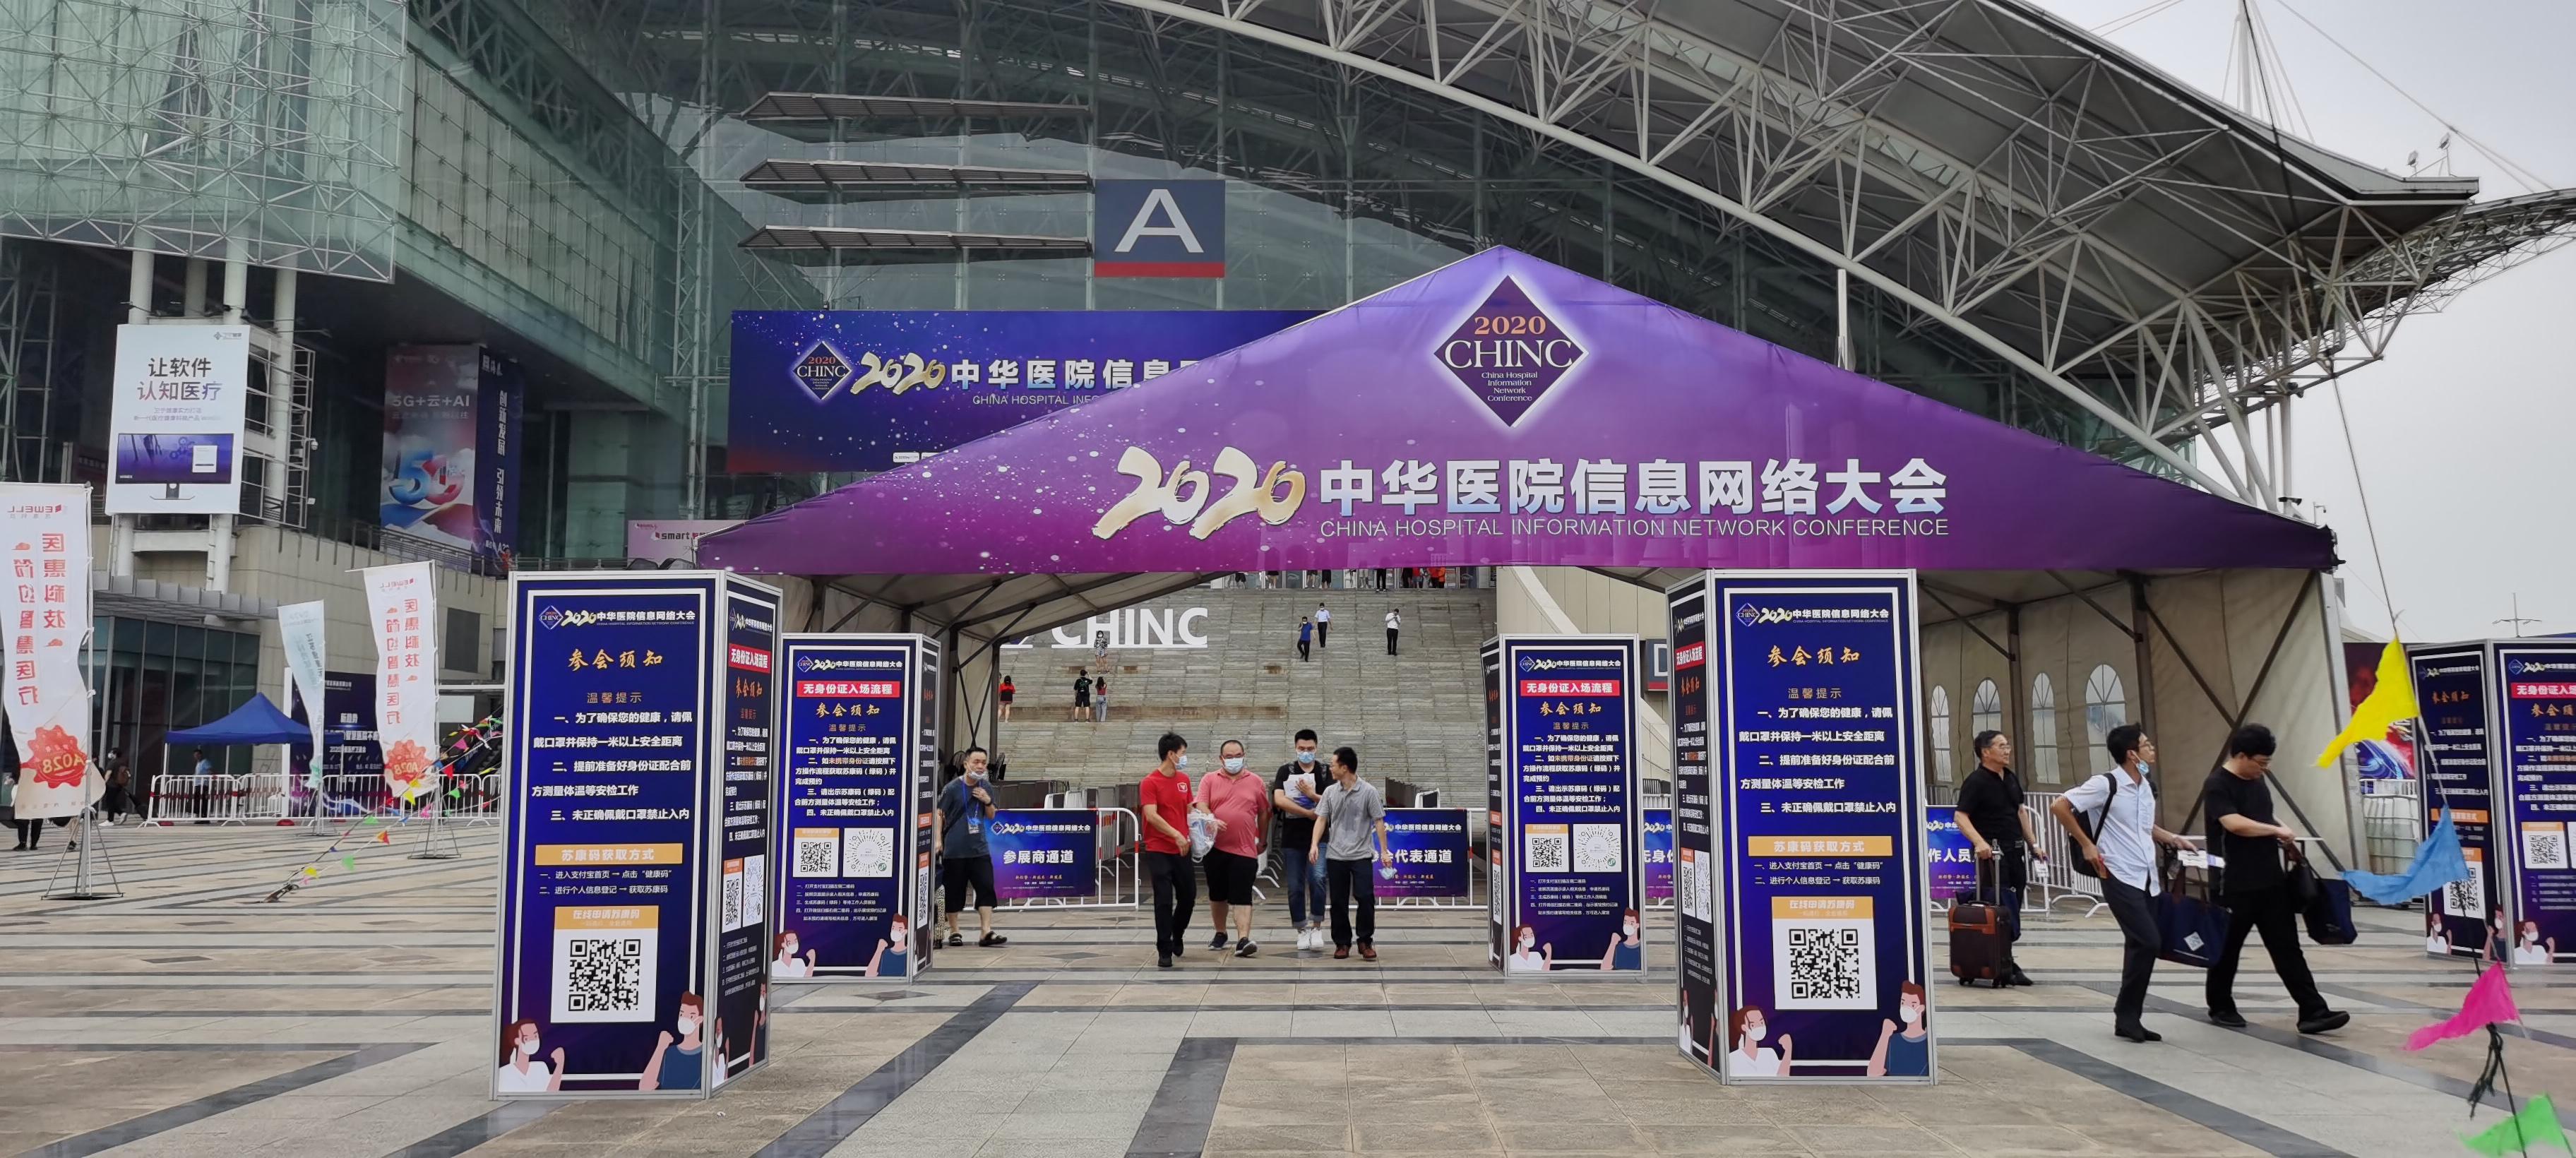 直擊中華醫院信息大會現場,環宇通智能醫護產品精彩亮相